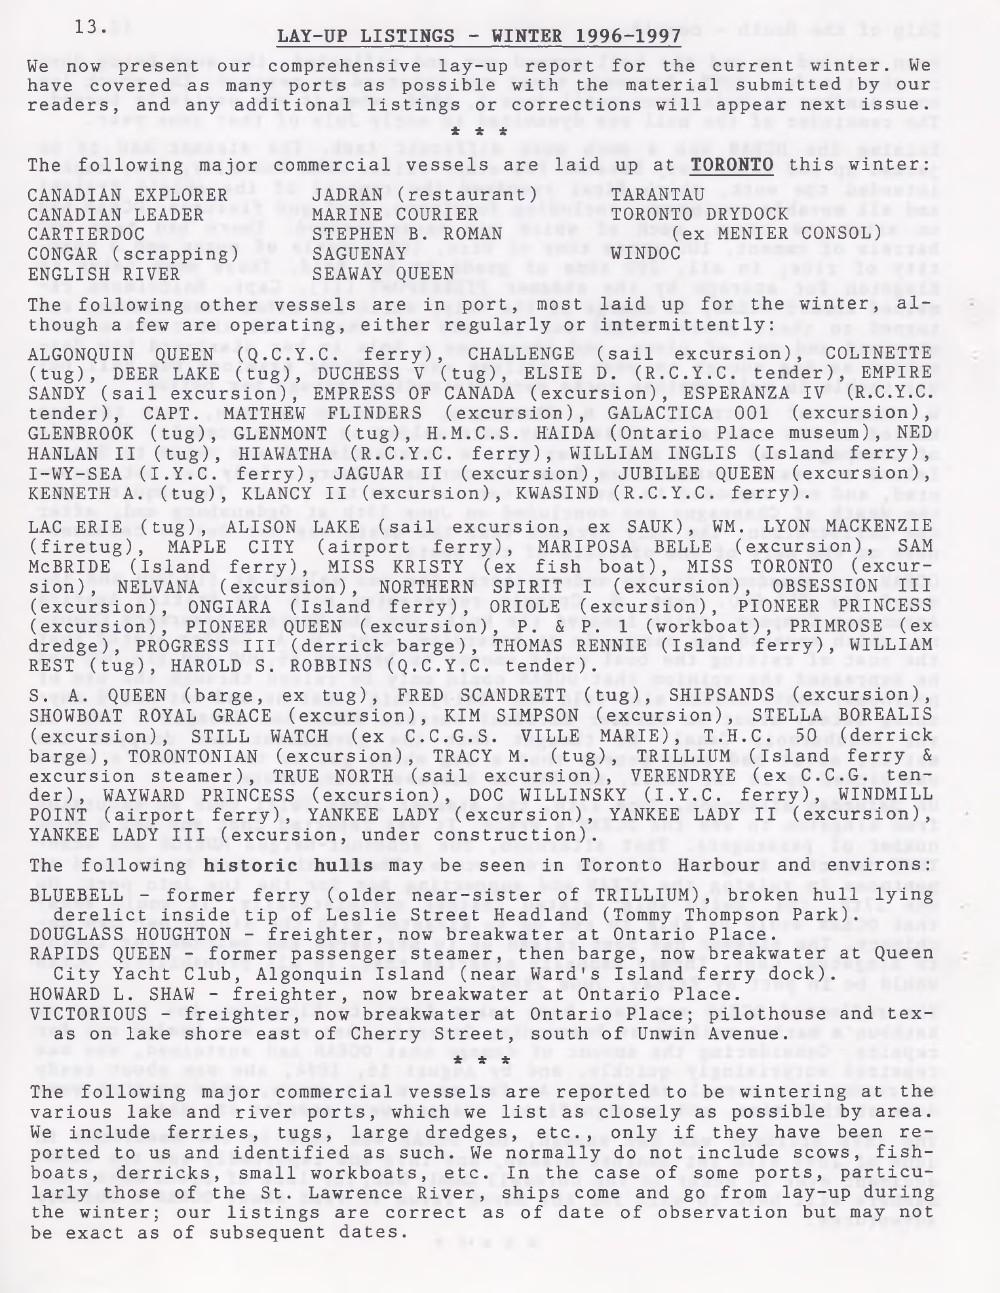 Scanner, v. 29, no. 5 (February 1997)